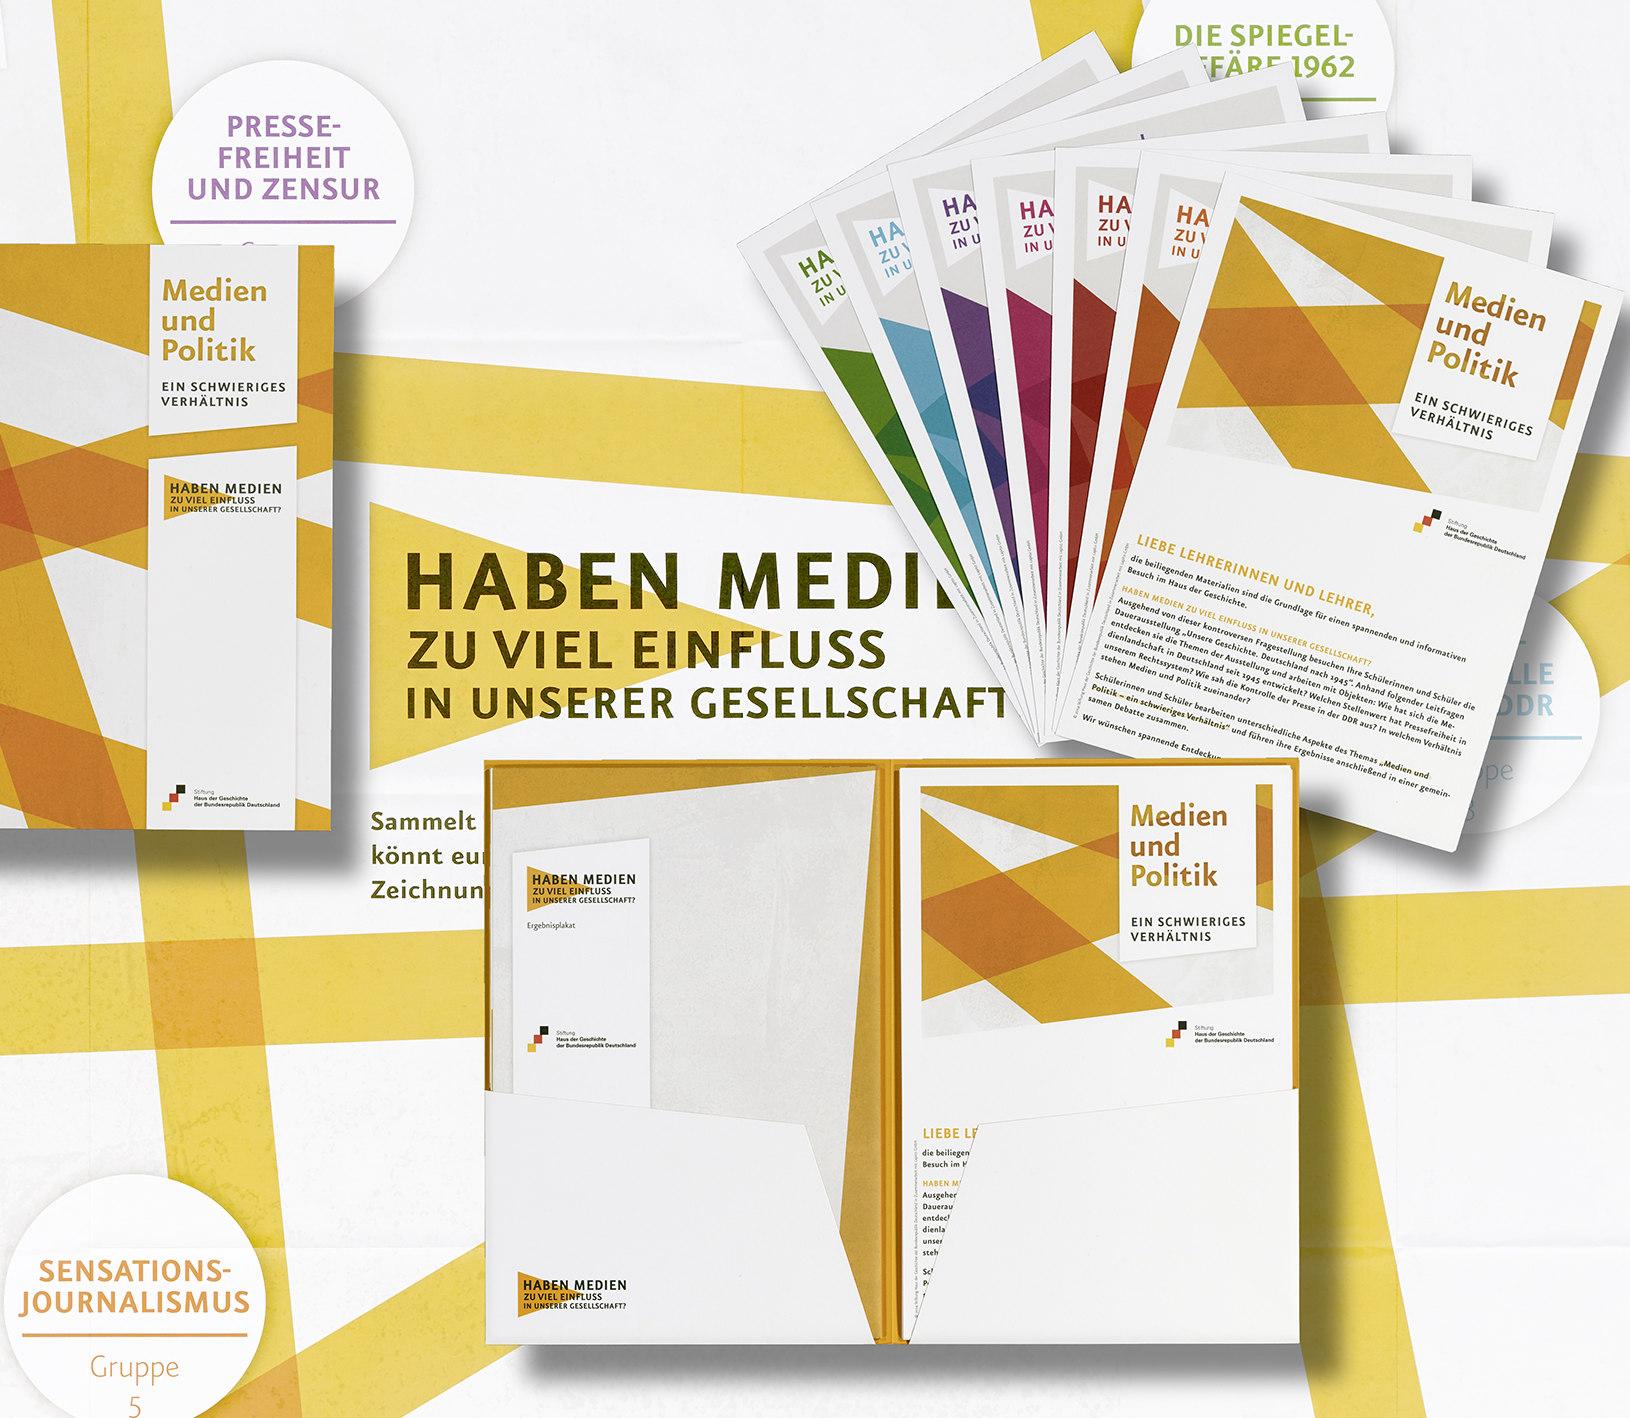 Themenmappe 'Medien und Politik. Ein schwieriges Verhältnis'